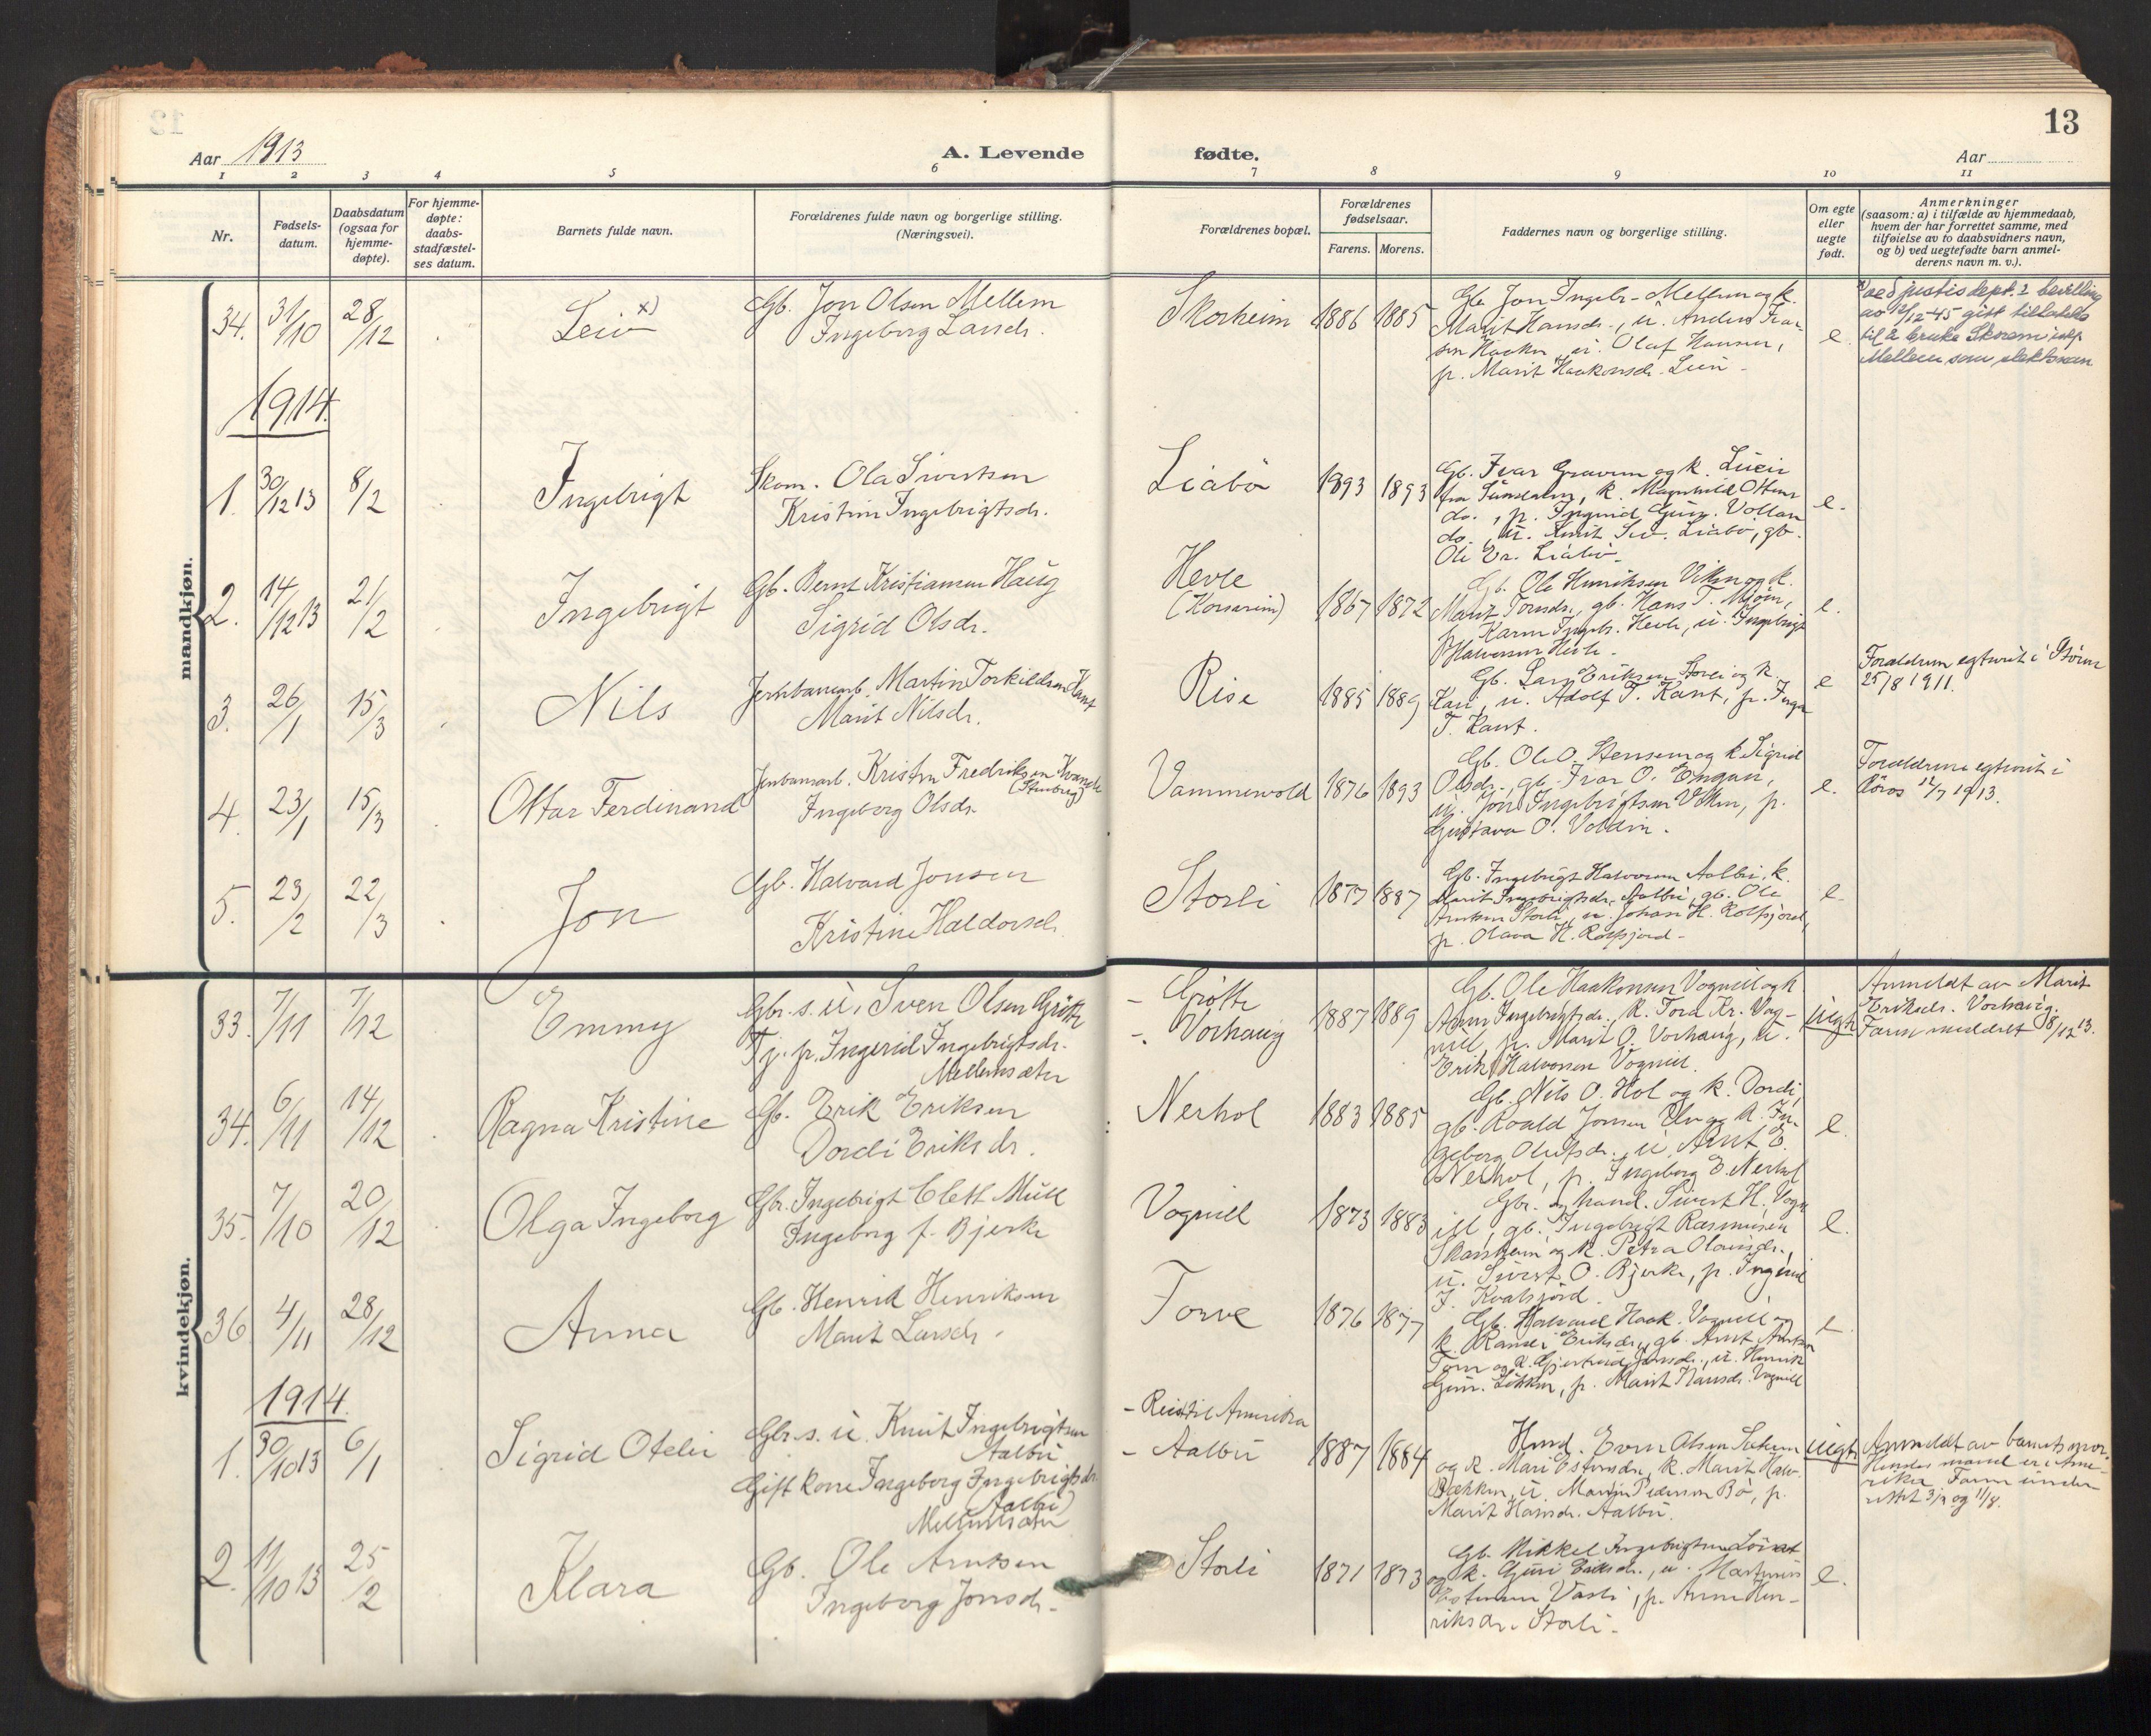 SAT, Ministerialprotokoller, klokkerbøker og fødselsregistre - Sør-Trøndelag, 678/L0909: Ministerialbok nr. 678A17, 1912-1930, s. 13